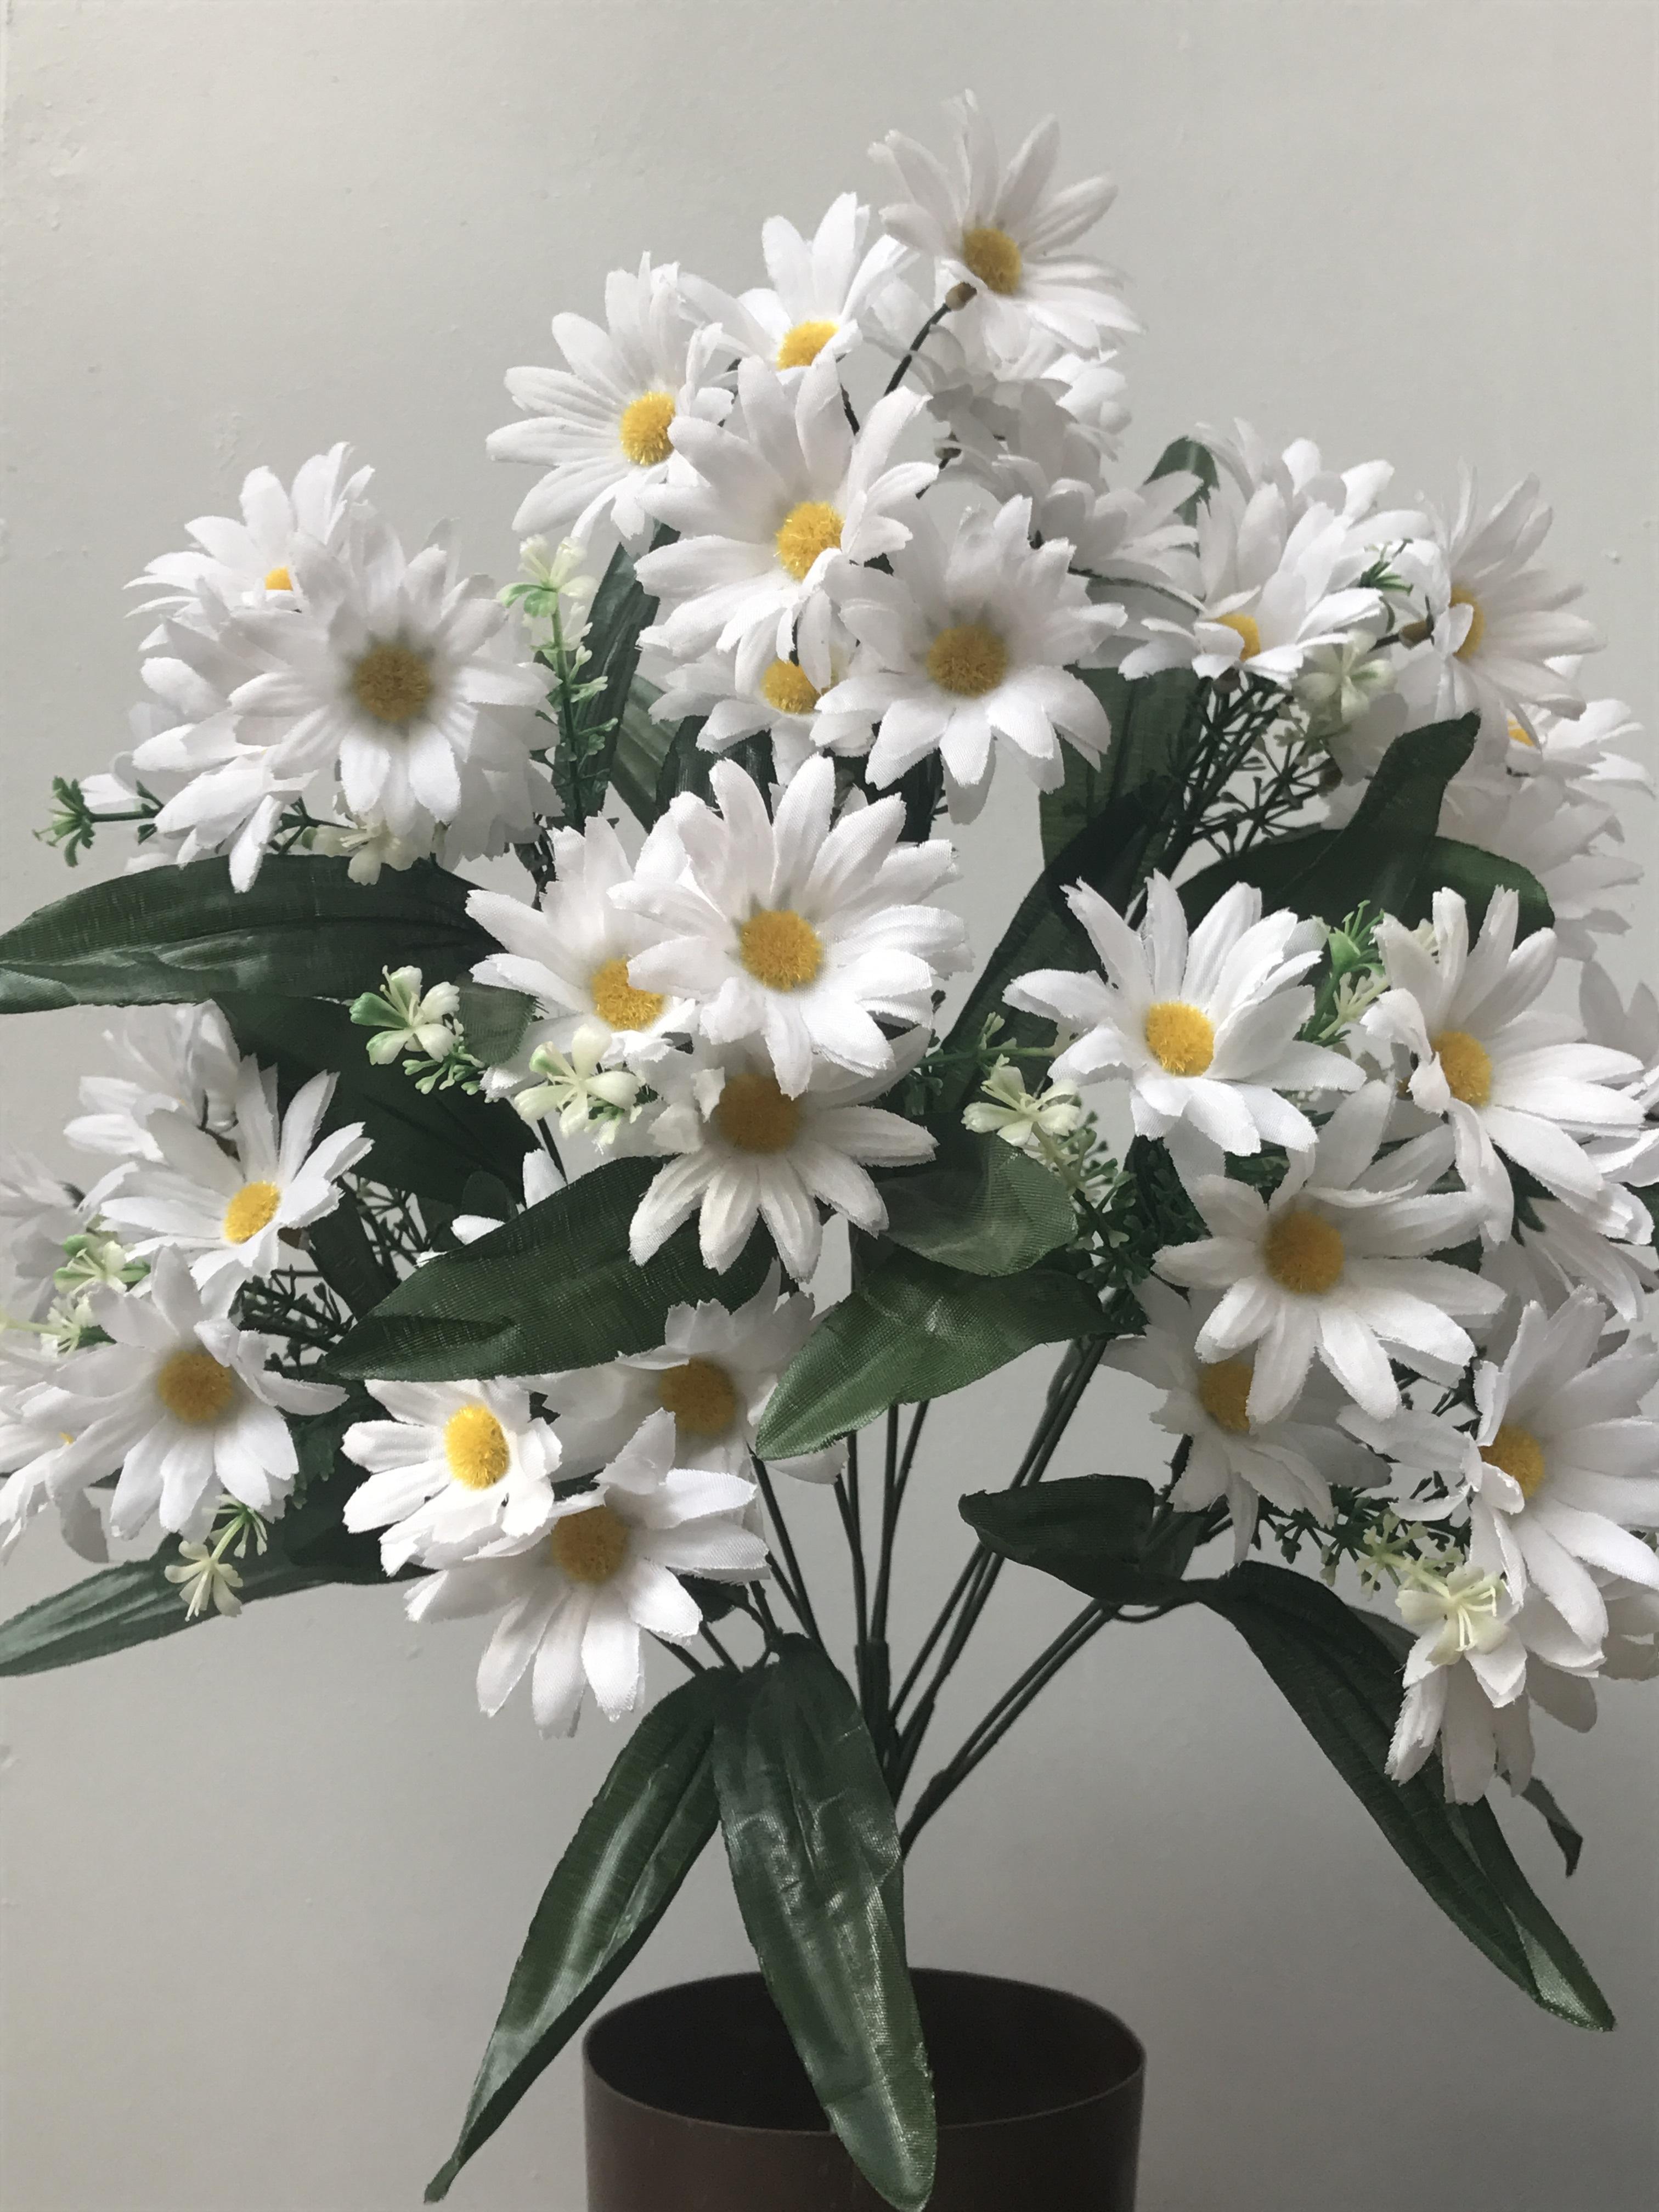 Купить искусственные цветы оптом дешево хмельницкий доставка цветов в москве по низким